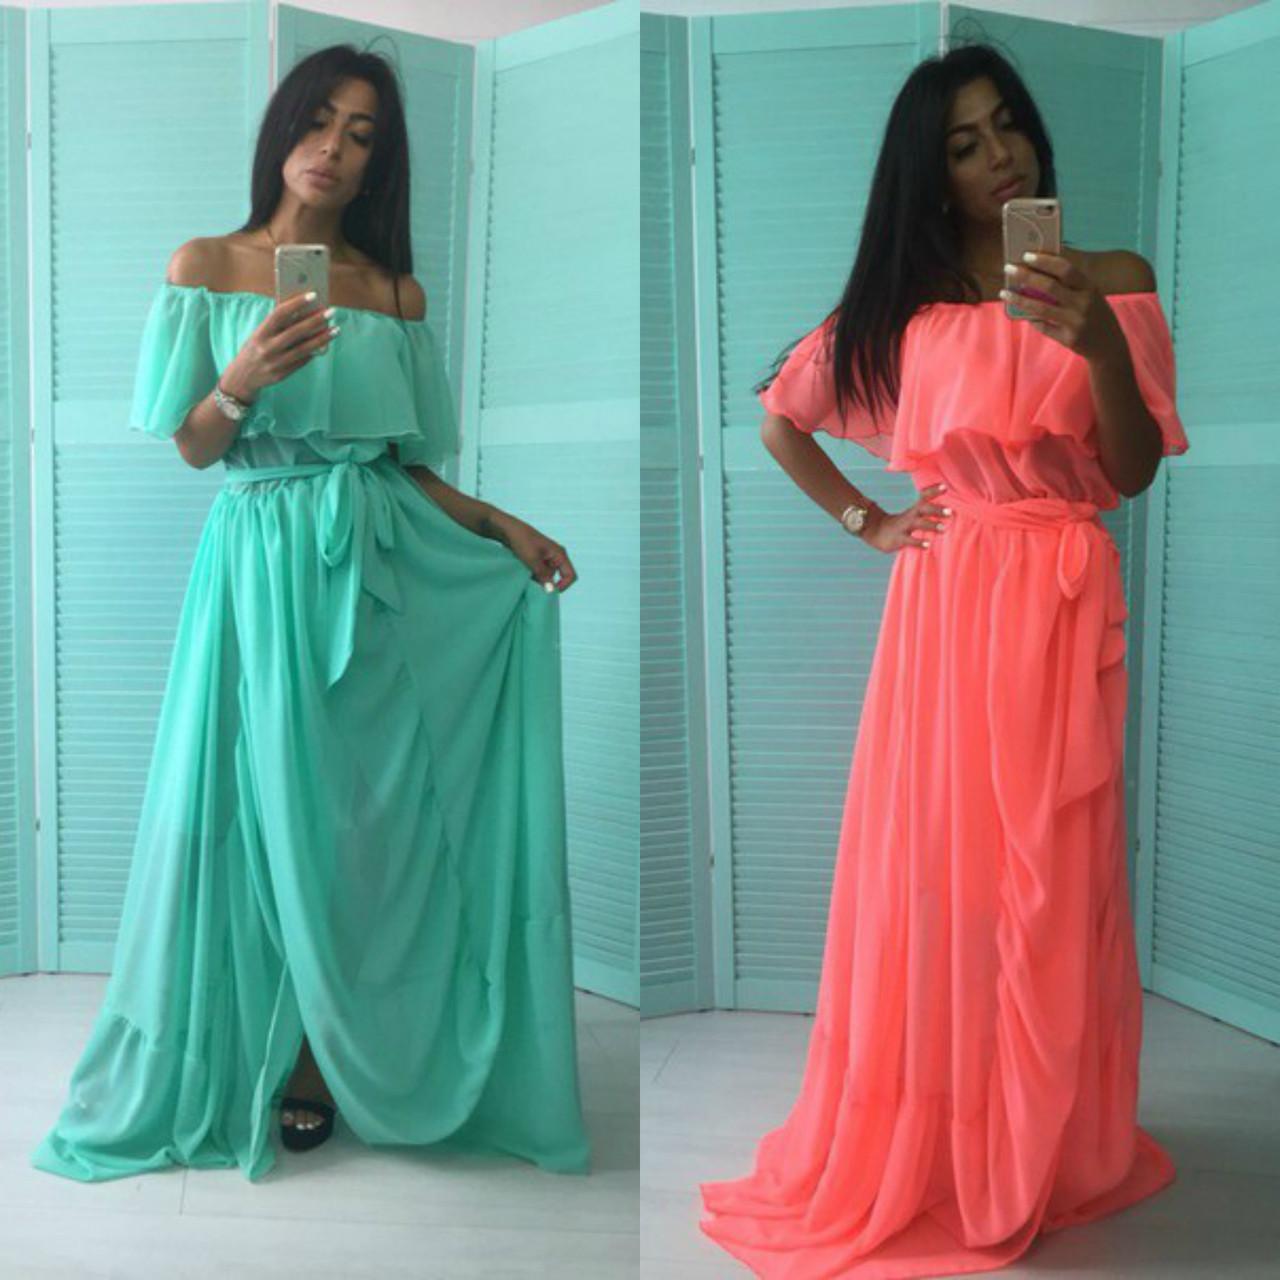 7d23ed24c48fe75 Шифоновое платье в пол с воланом - RUSH STORE интернет-магазин женской  одежды в Николаеве